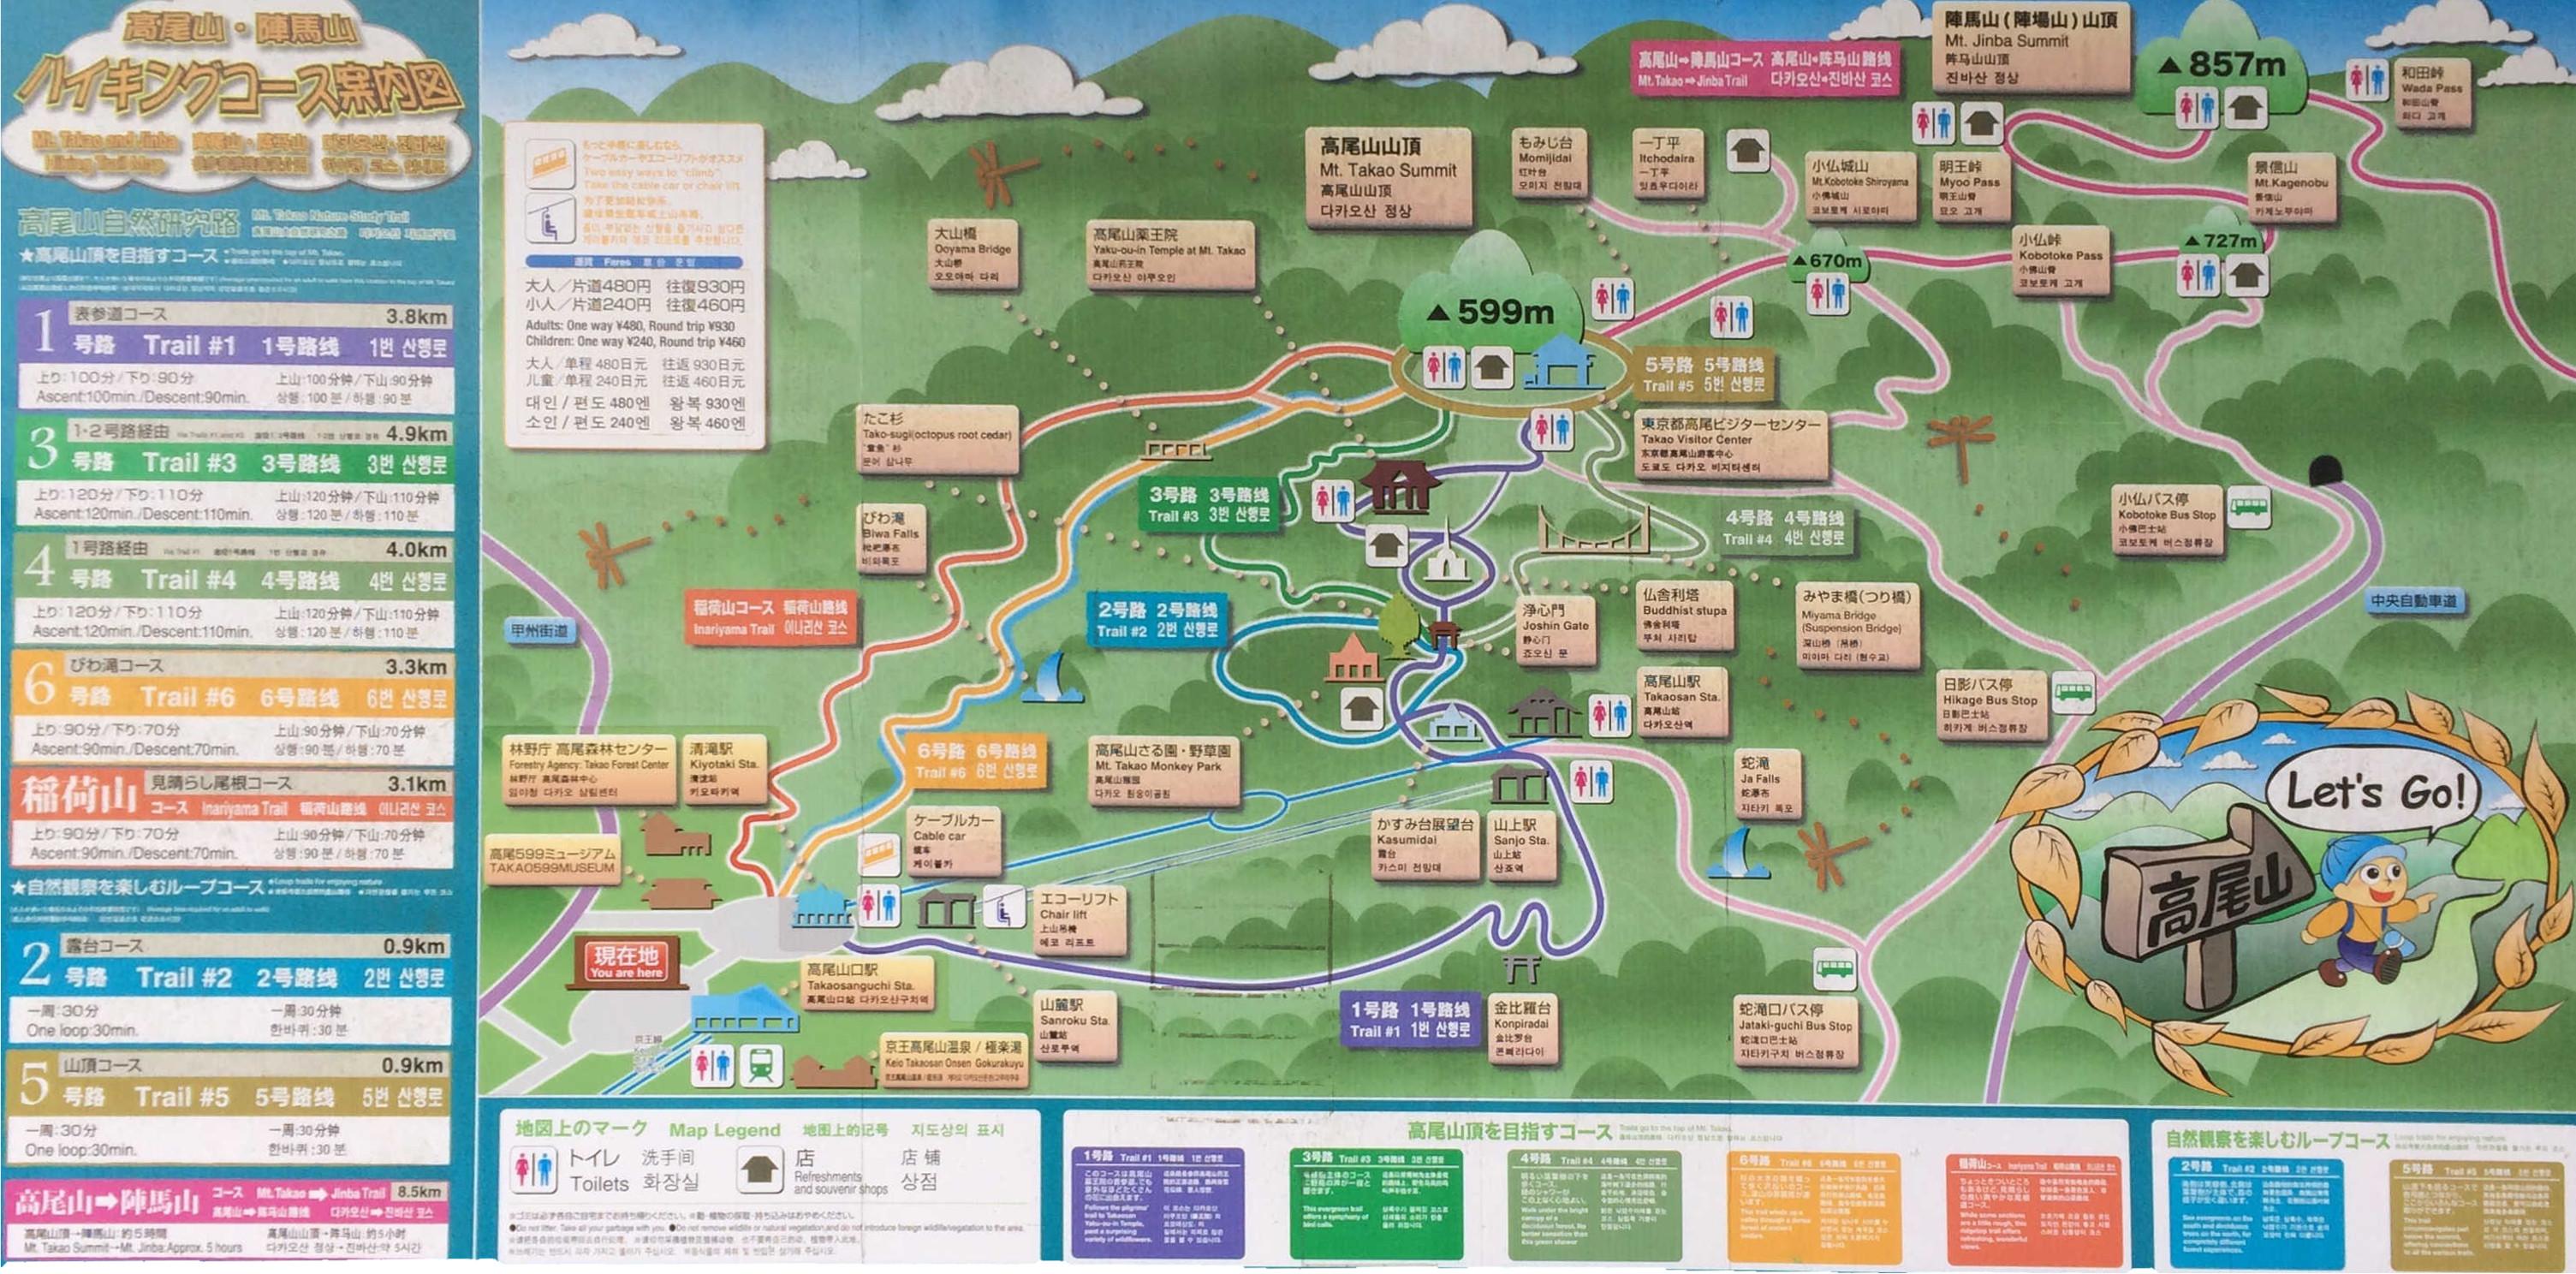 高尾山・陣場山ハイキングコース案内図